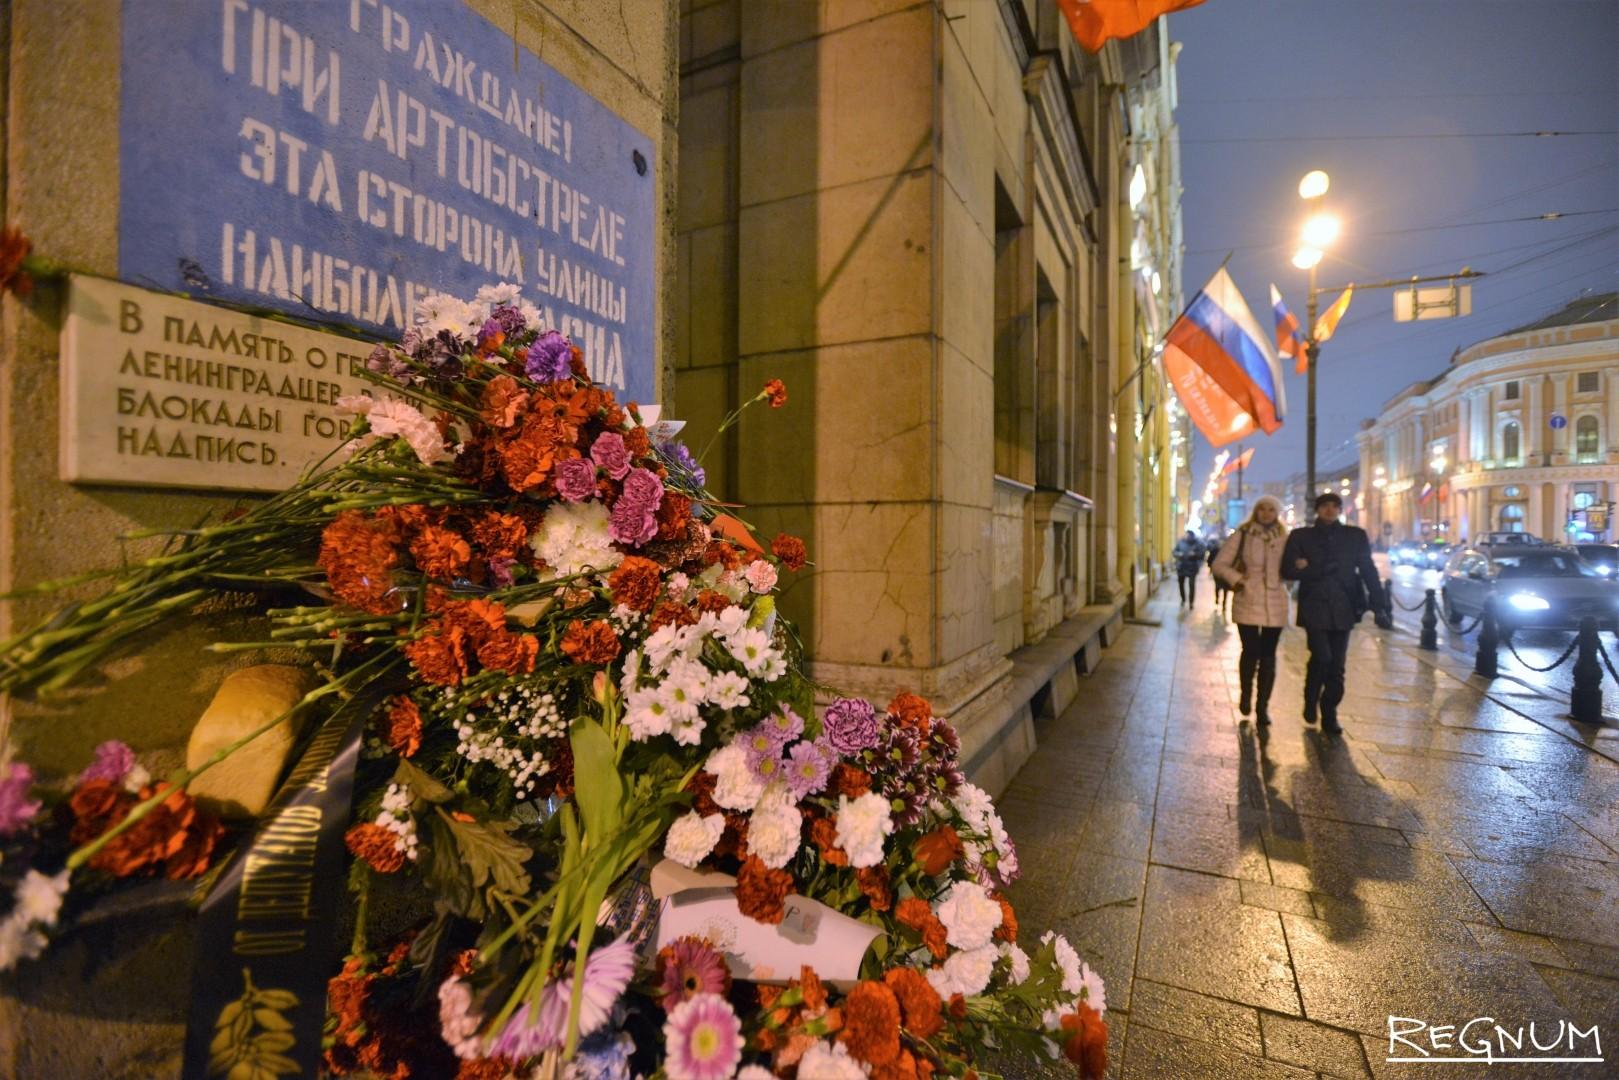 Цветы на Невском проспекте в день полного освобождения Ленинграда от блокады